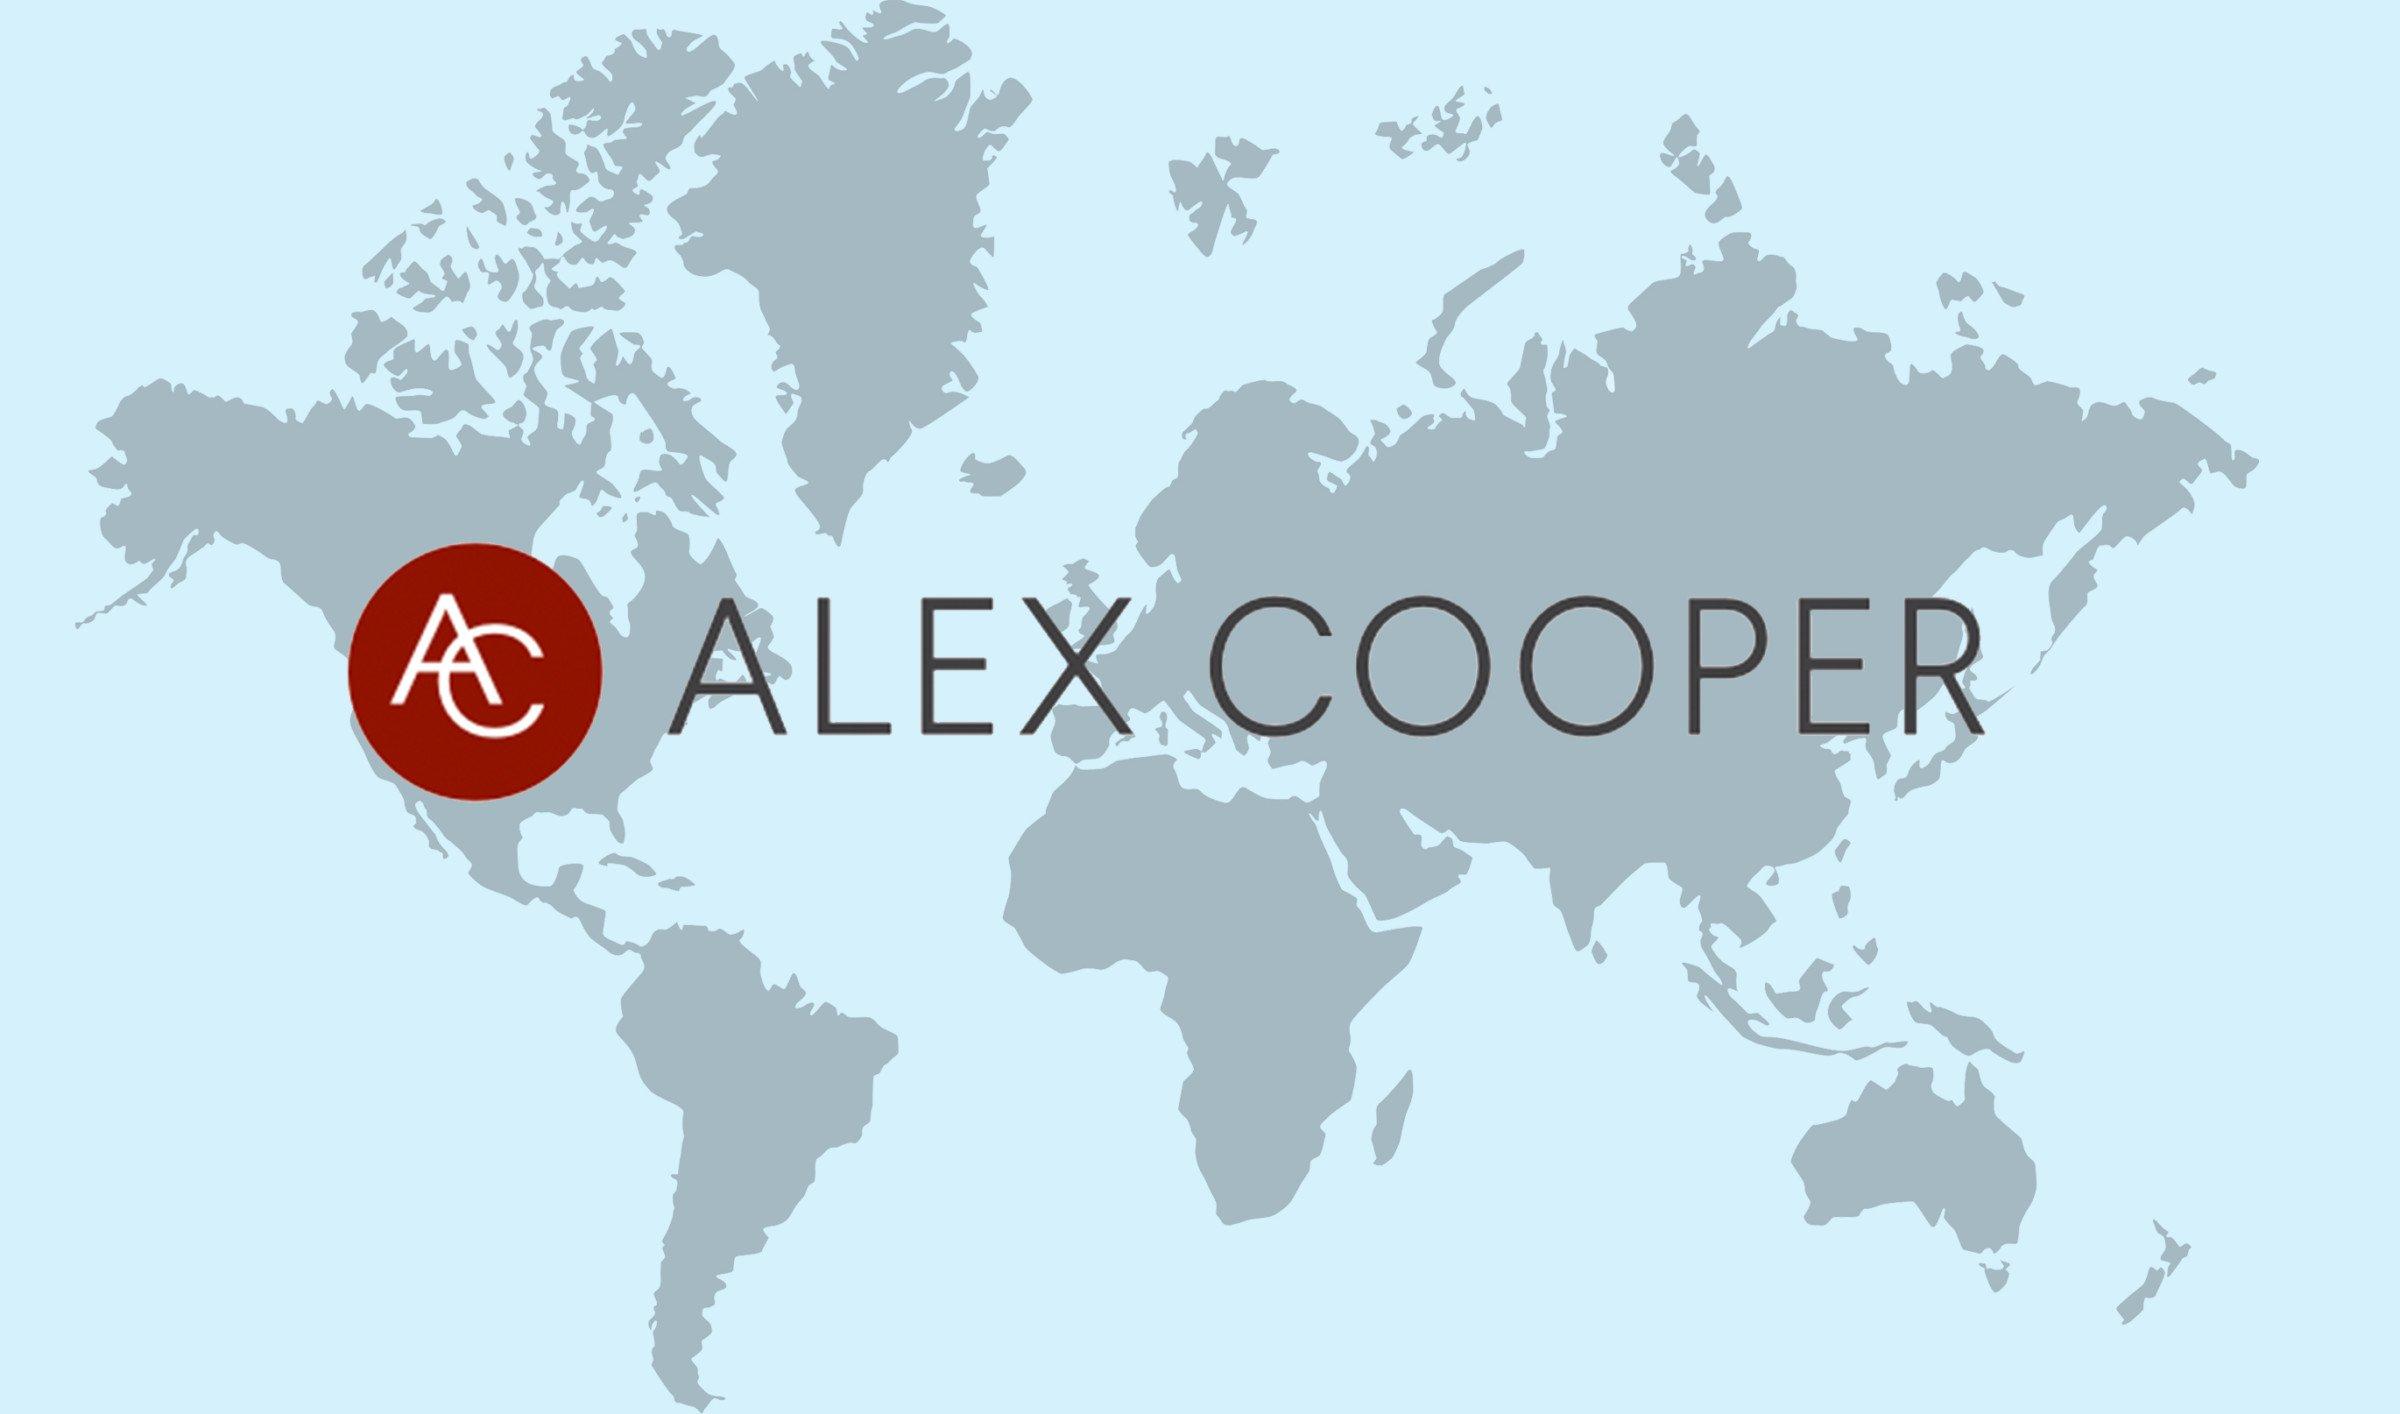 Travel Around the World at Alex Cooper